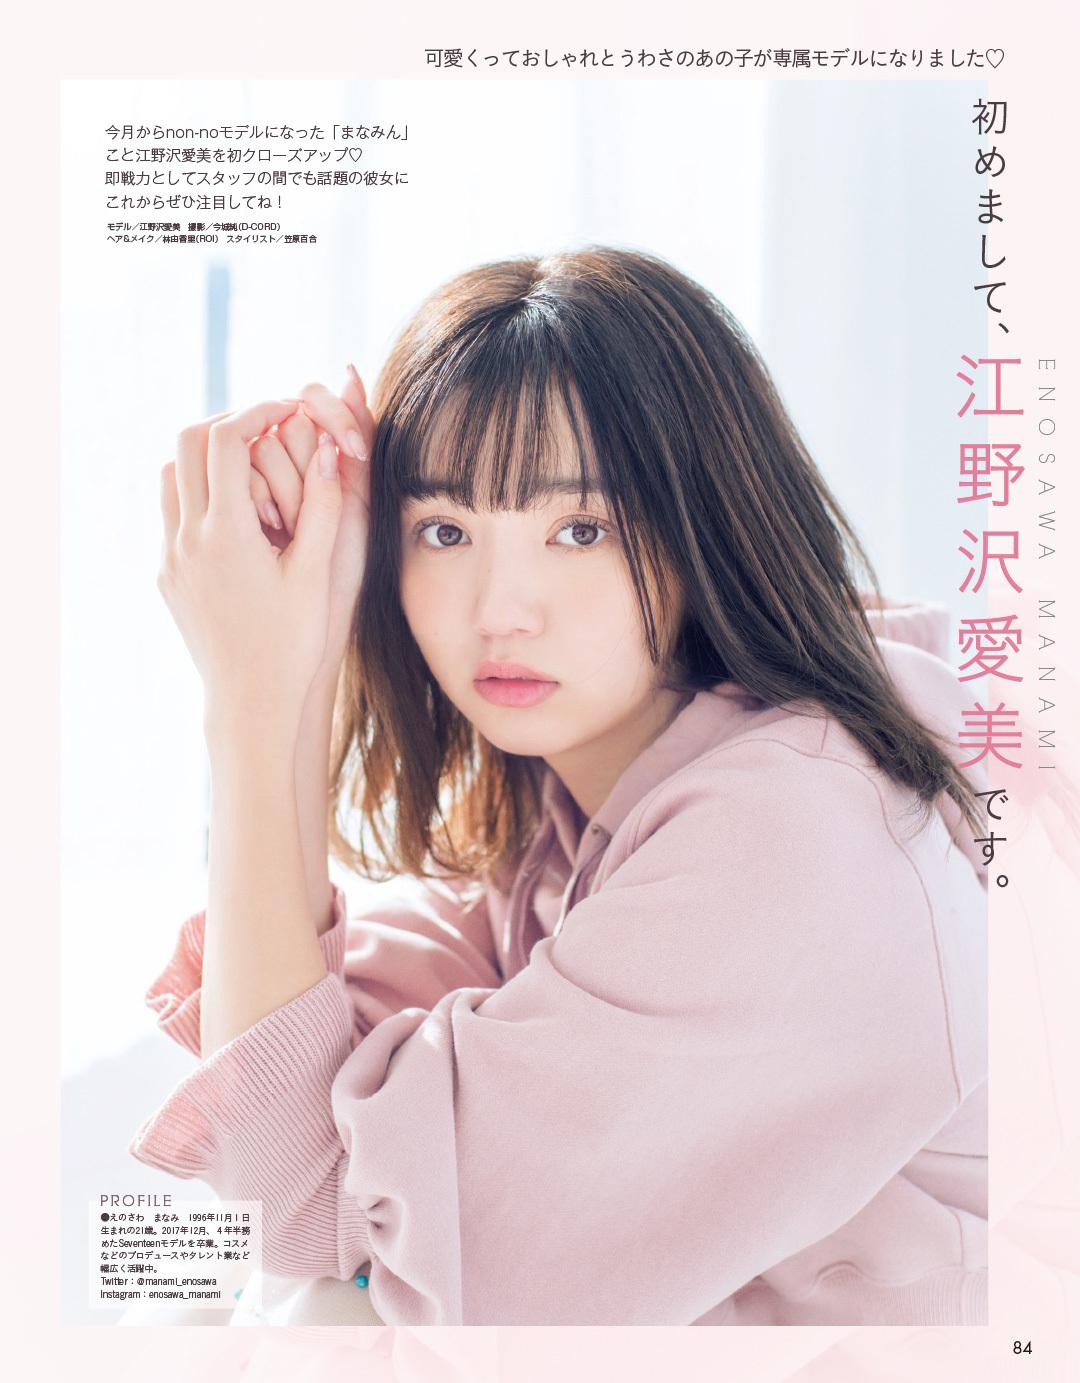 初めまして、江野沢愛美です。